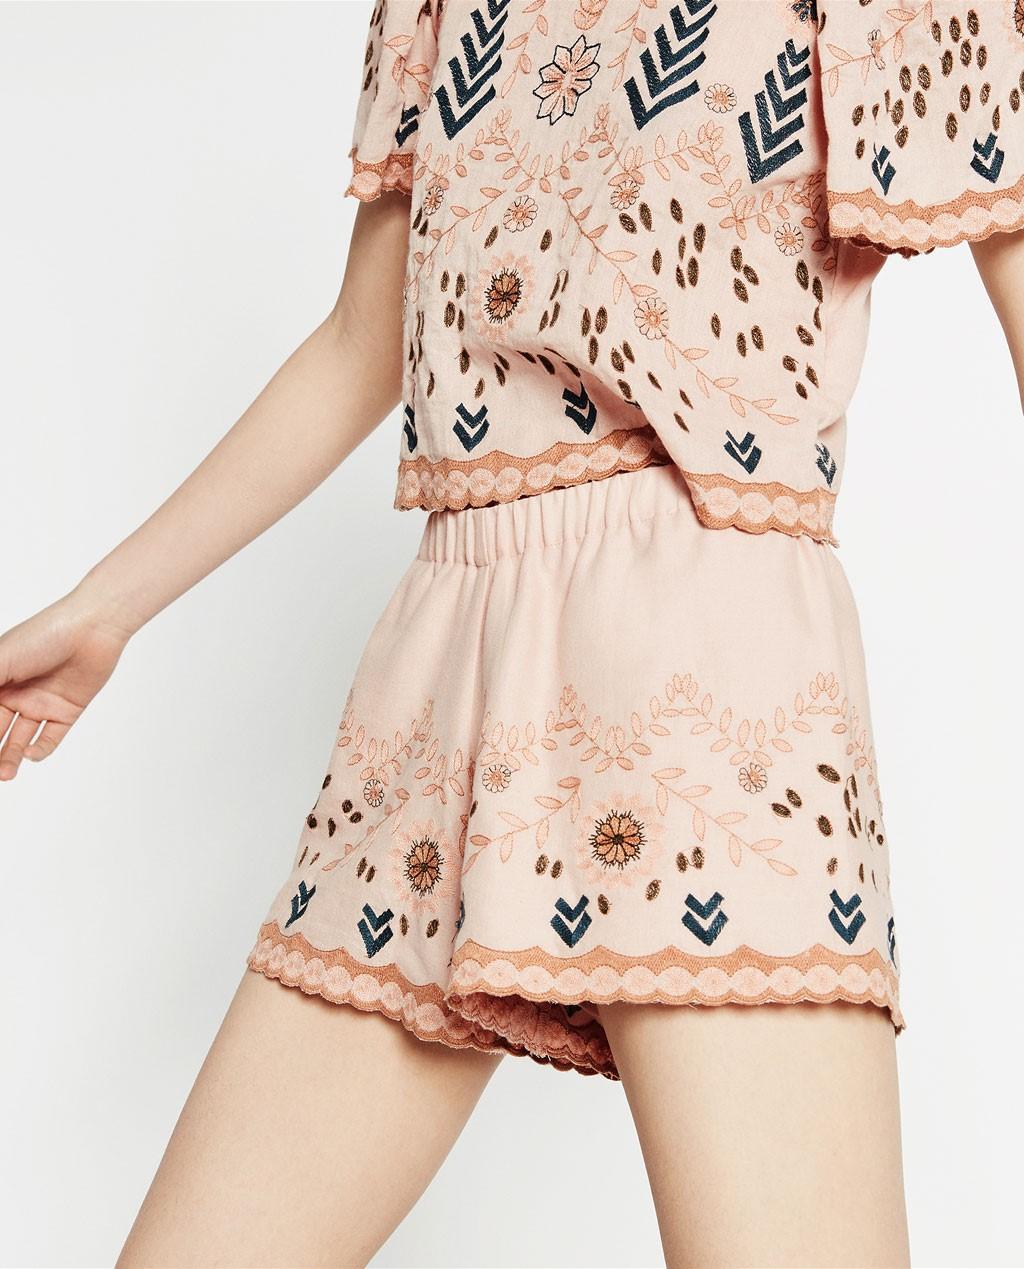 La moda Zara trae los shorts más refrescantes del verano 2016